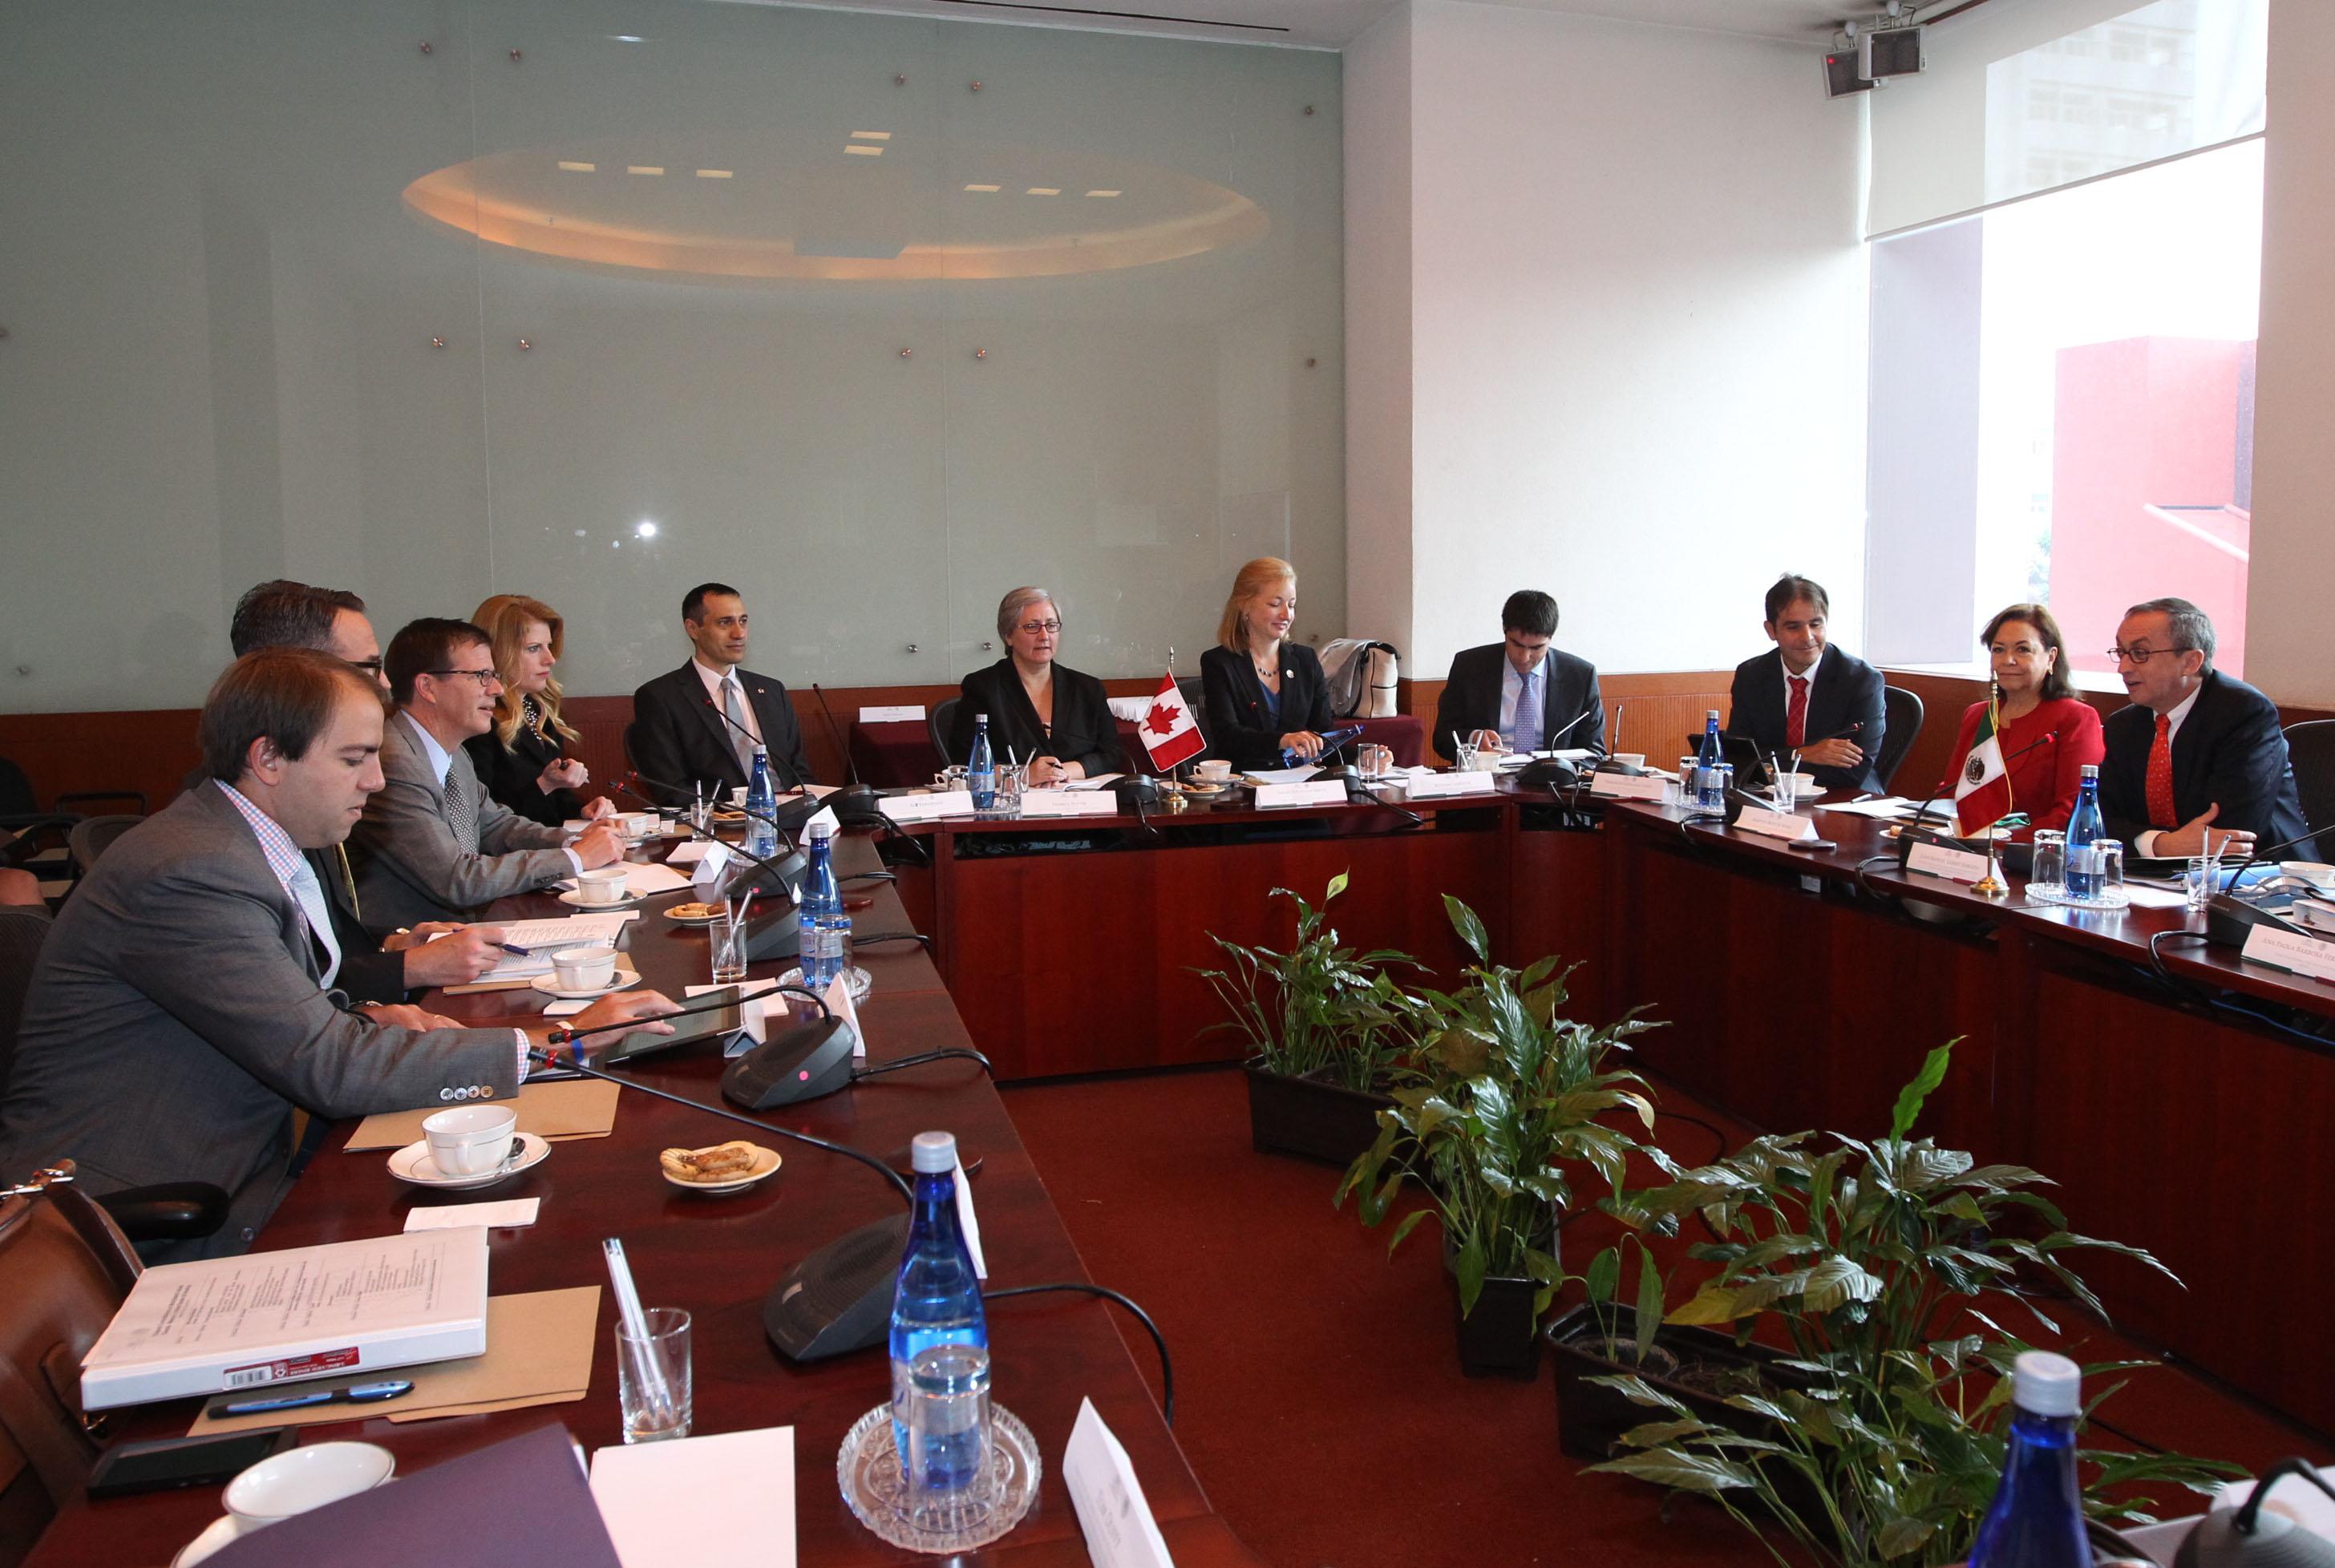 FOTO 1 M xico  Canad  y Estados Unidos celebran consultas trilaterales sobre temas multilateralesjpg